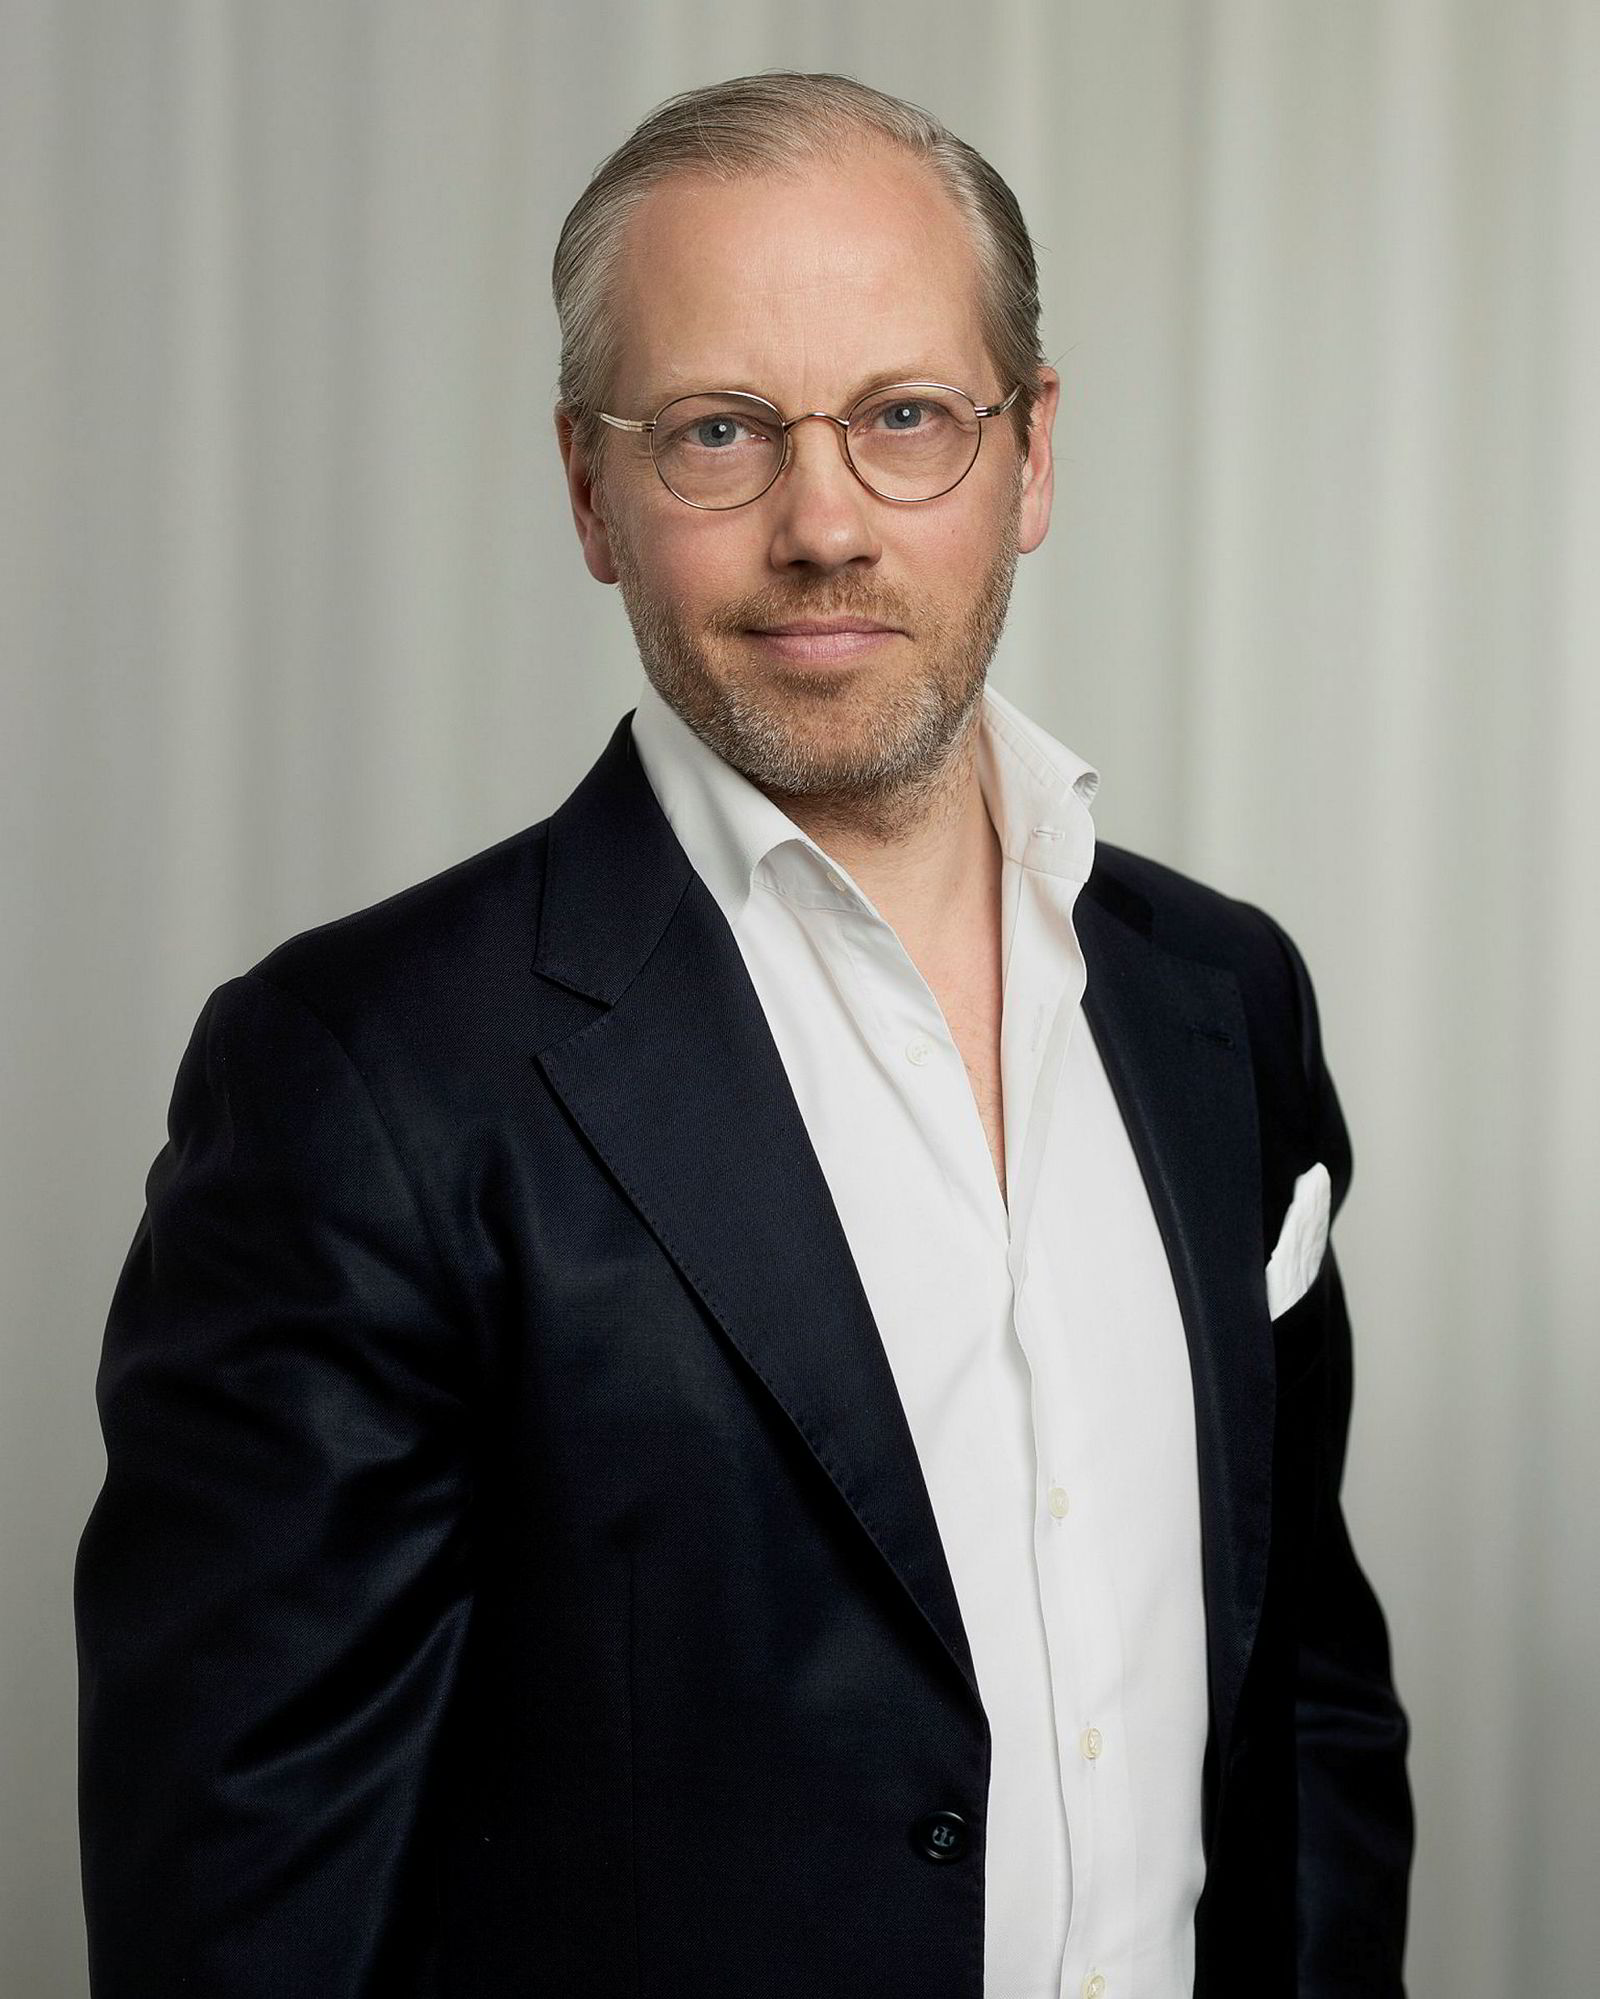 Markus Lindblad, kommunikasjonssjef for Haypp Group, et svensk konsern som eier de norske selskapene bak nettbutikkene snushjem.no, snus.com og snuslageret.no.